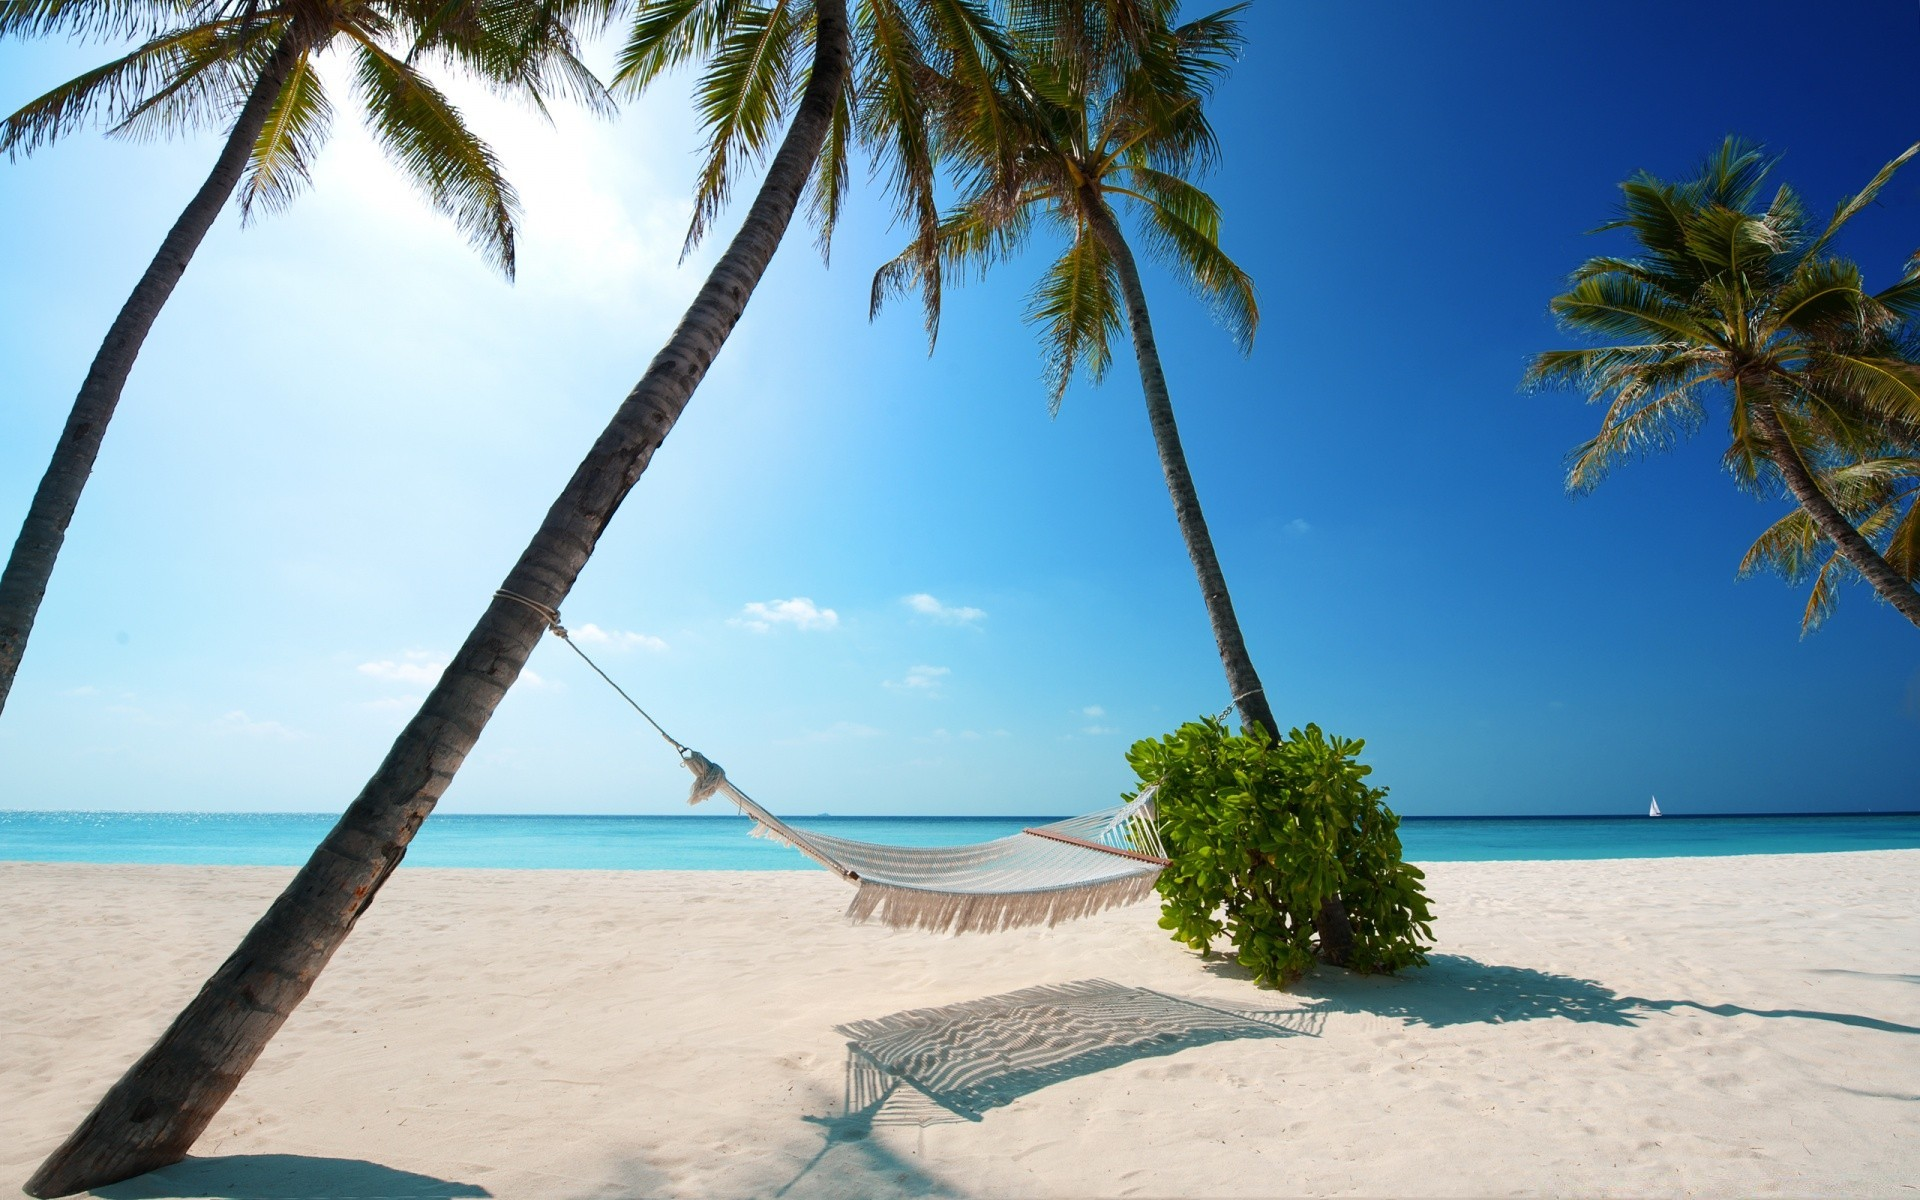 Phrase... super, tropical beach desktop your place